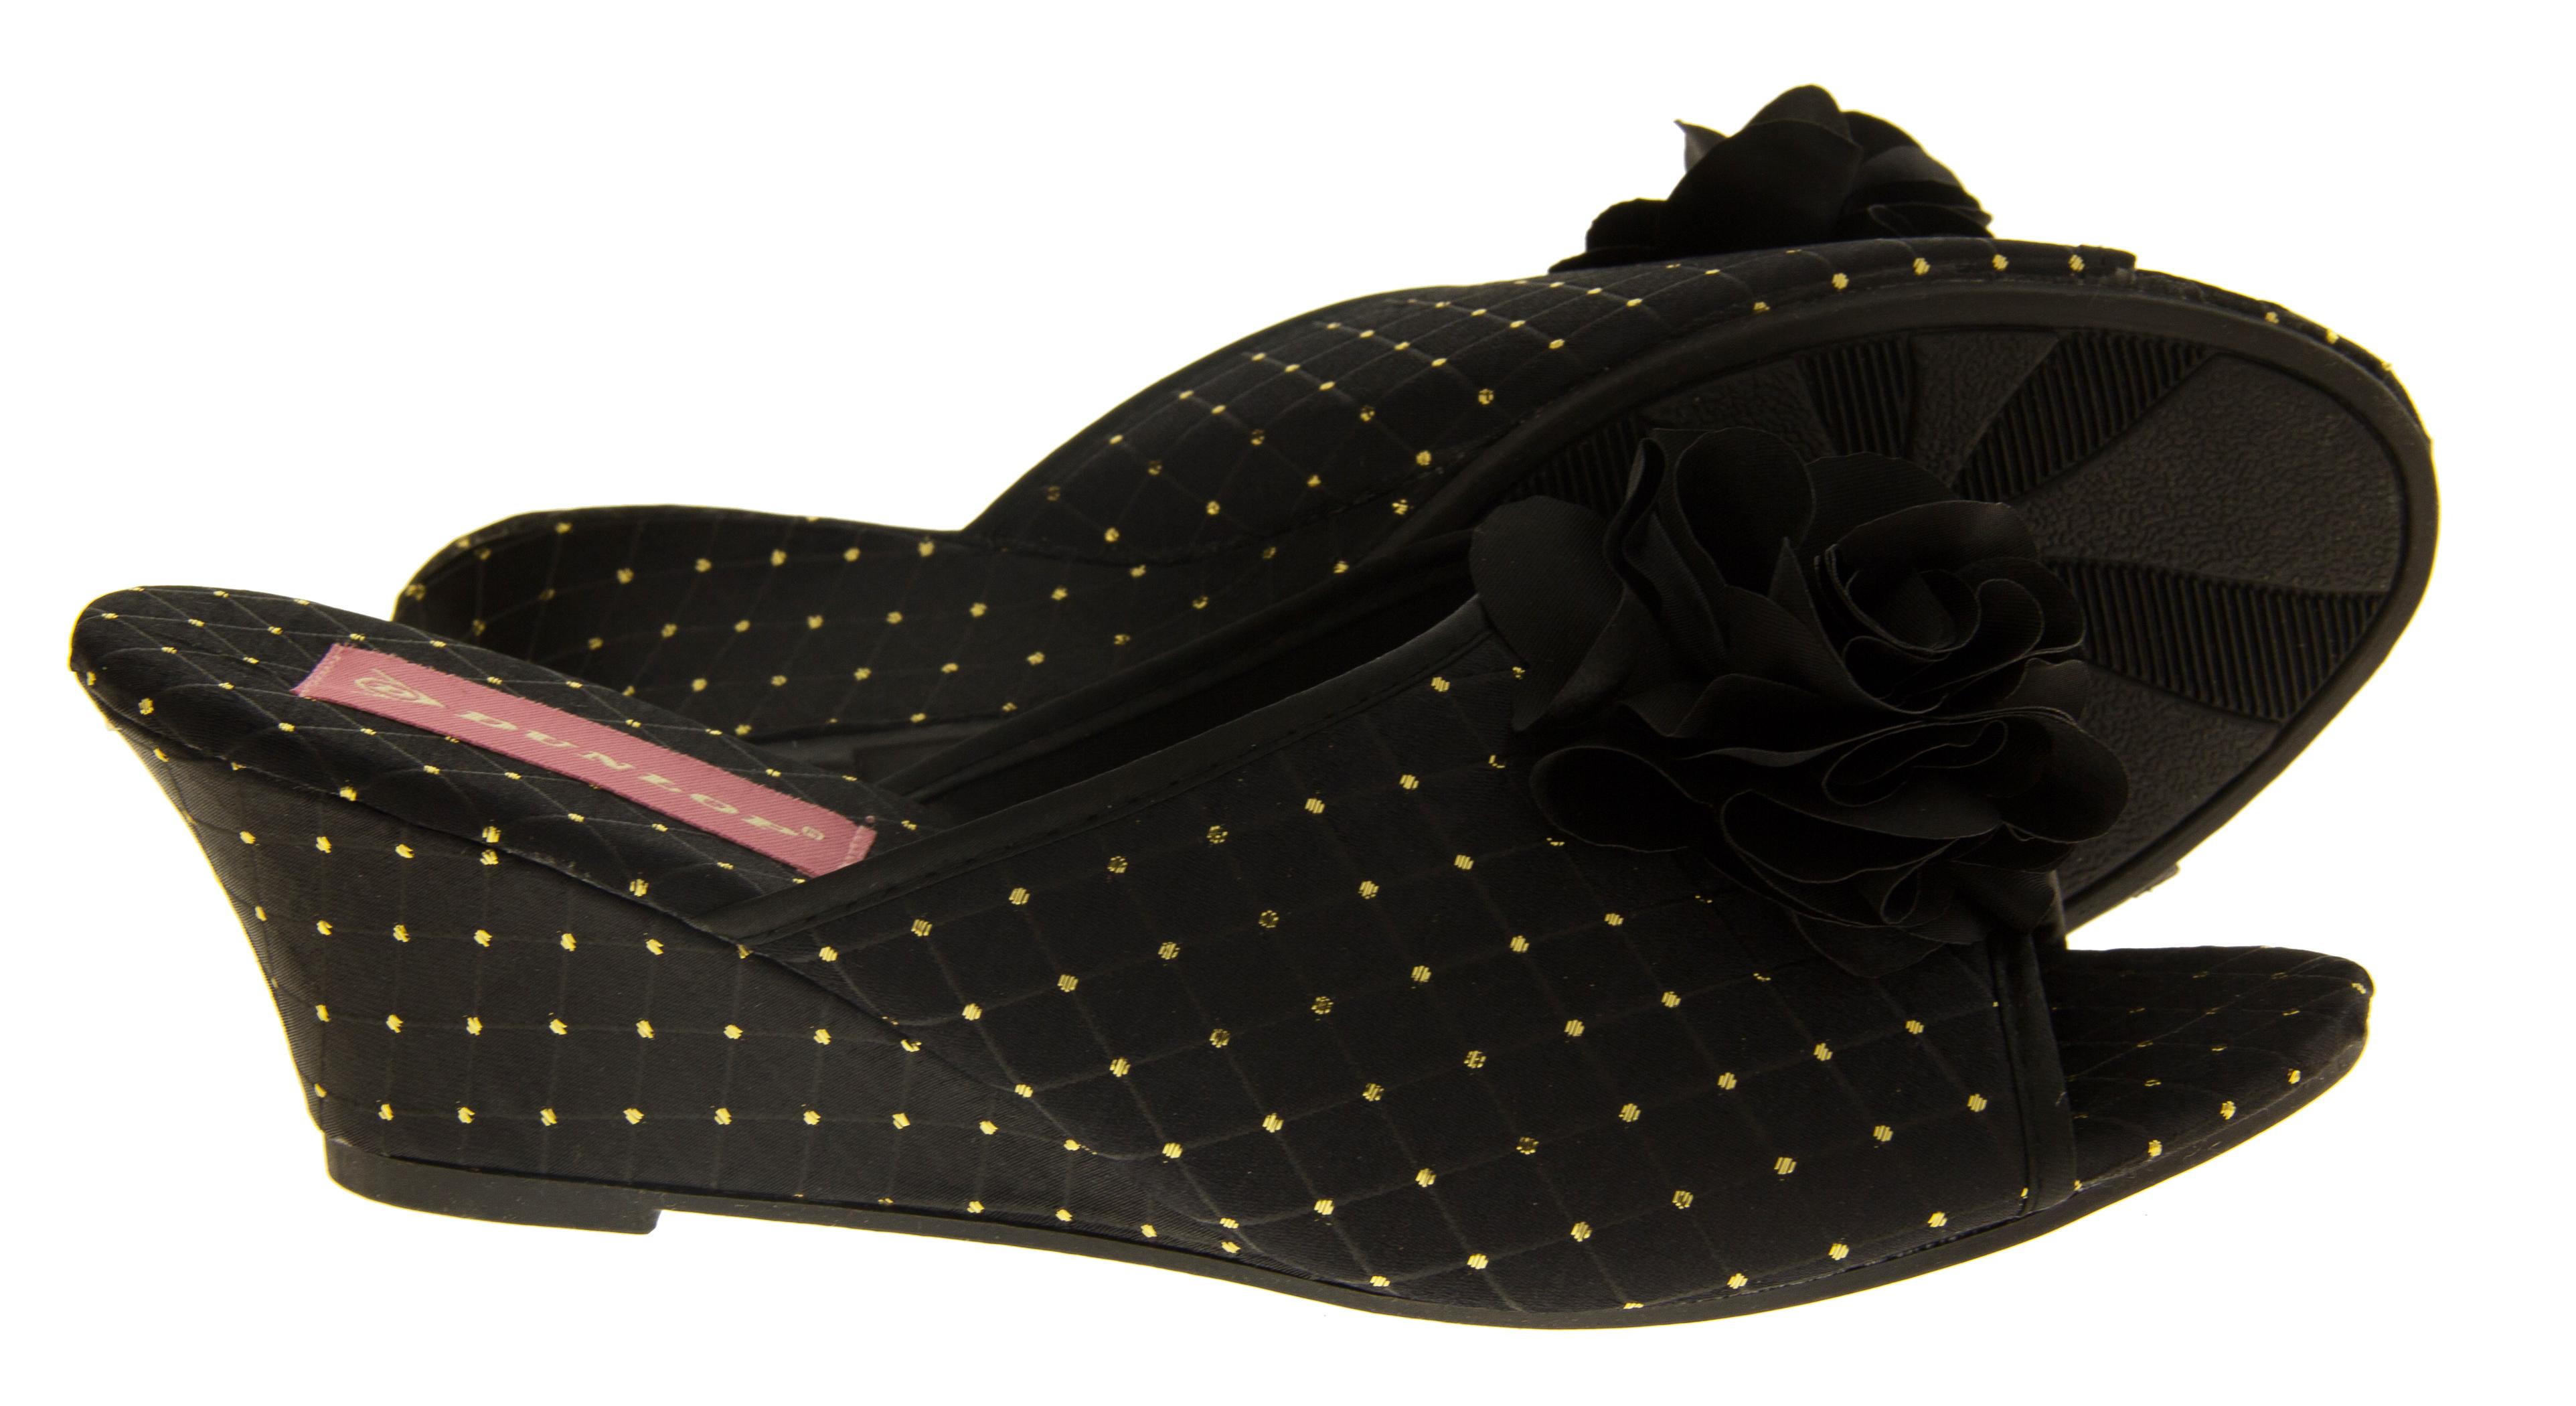 Ladies Dunlop Slipper Wedges Satin Heels Slip On Bedroom